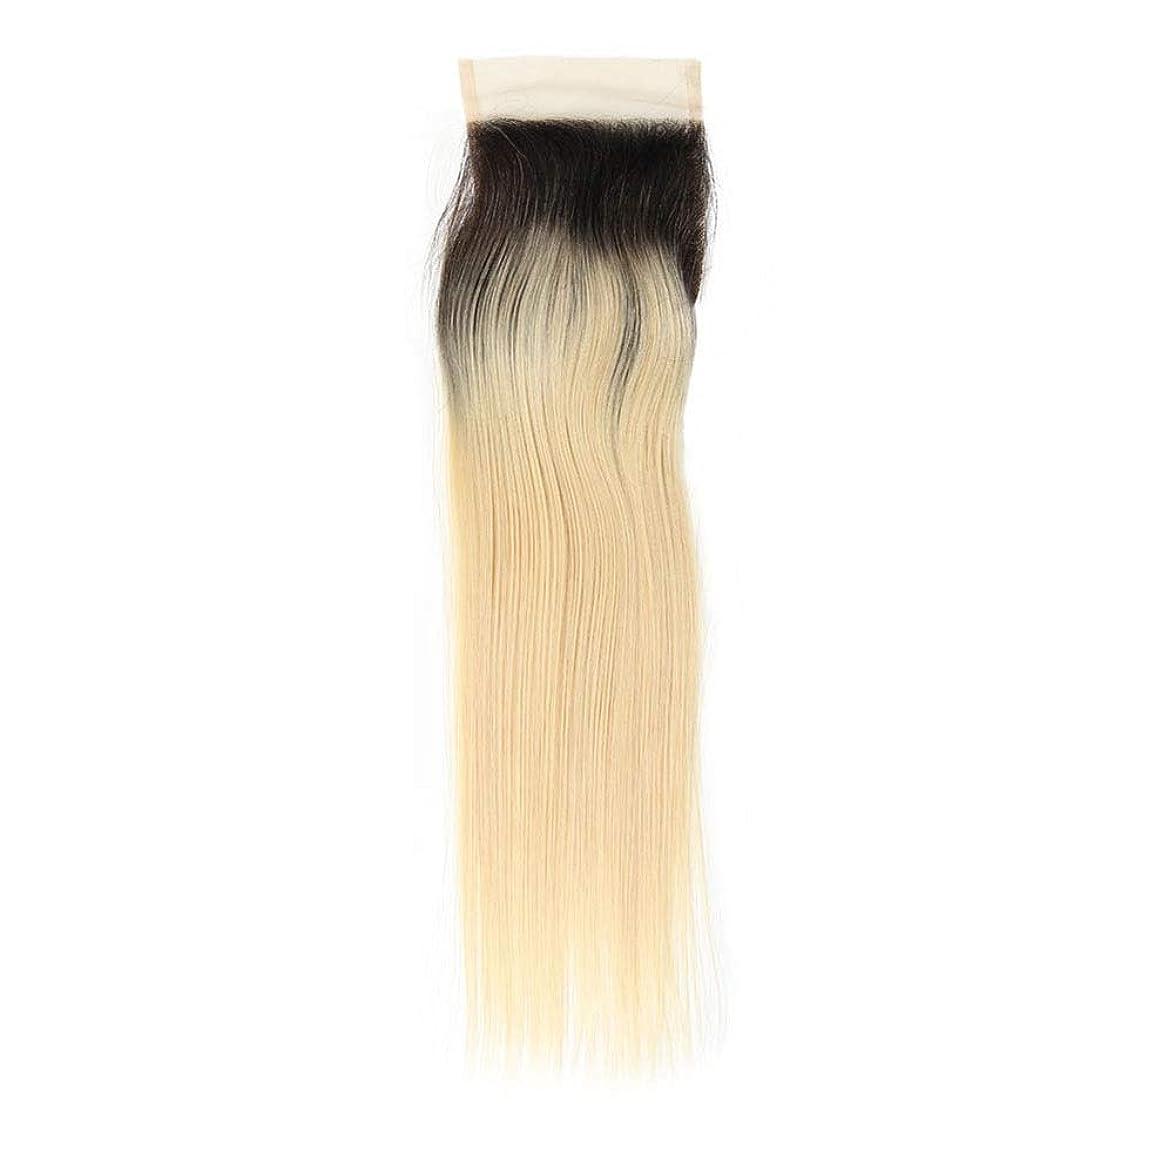 車両パイロット解説BOBIDYEE ブラジル髪ブロンド織り1B / 613#ストレート人毛エクステンション13X4フリーパーツレース前頭女性複合かつらレースかつらロールプレイングかつら (色 : Blonde, サイズ : 10 inch)